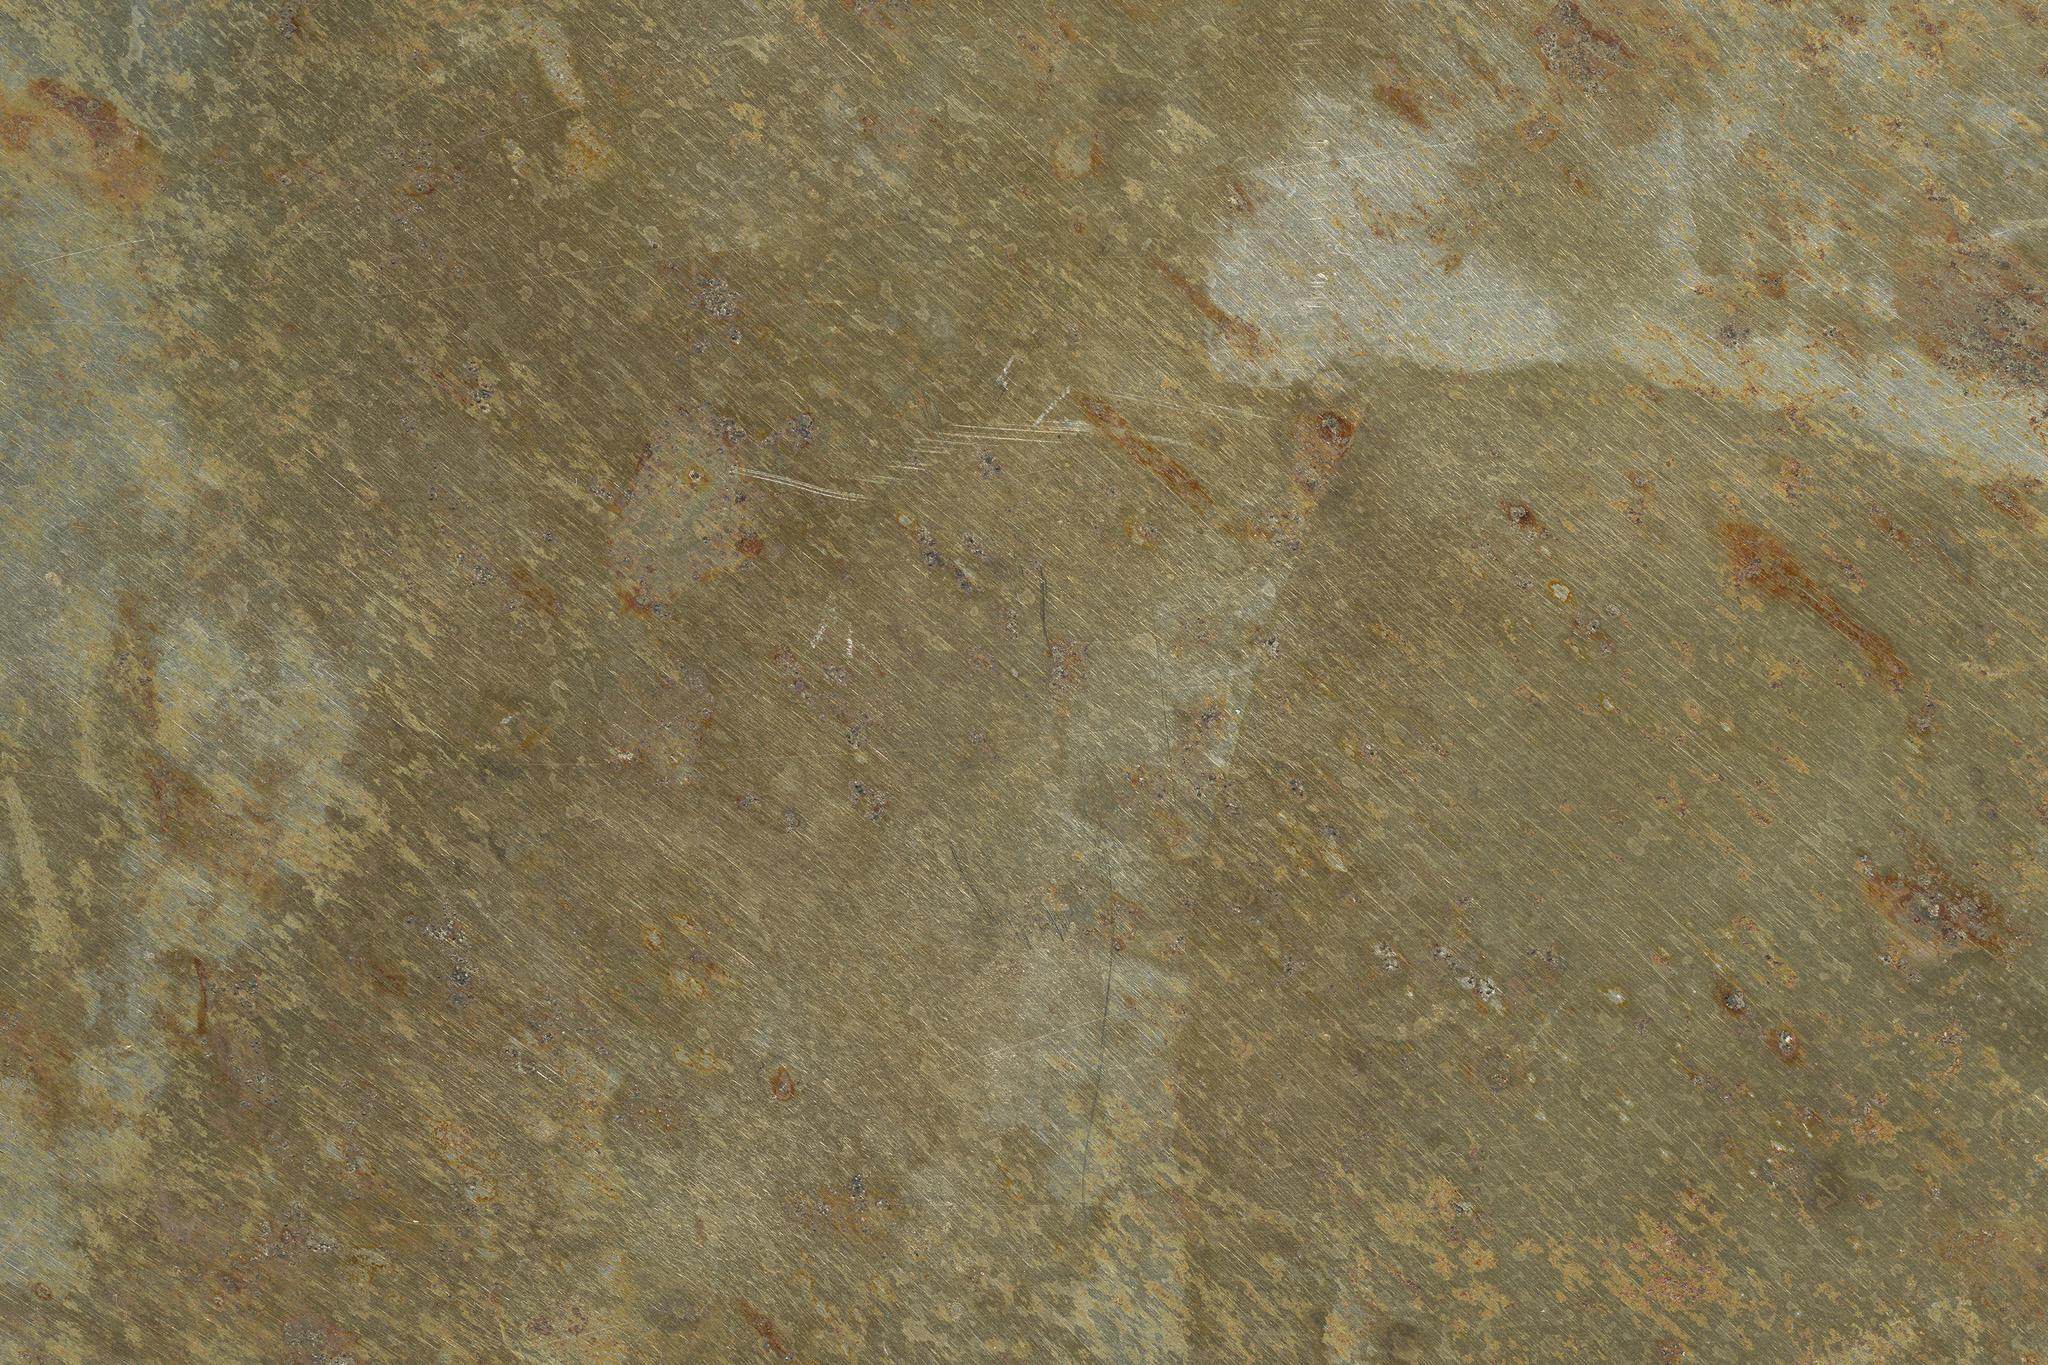 ザラザラとした金属の表面